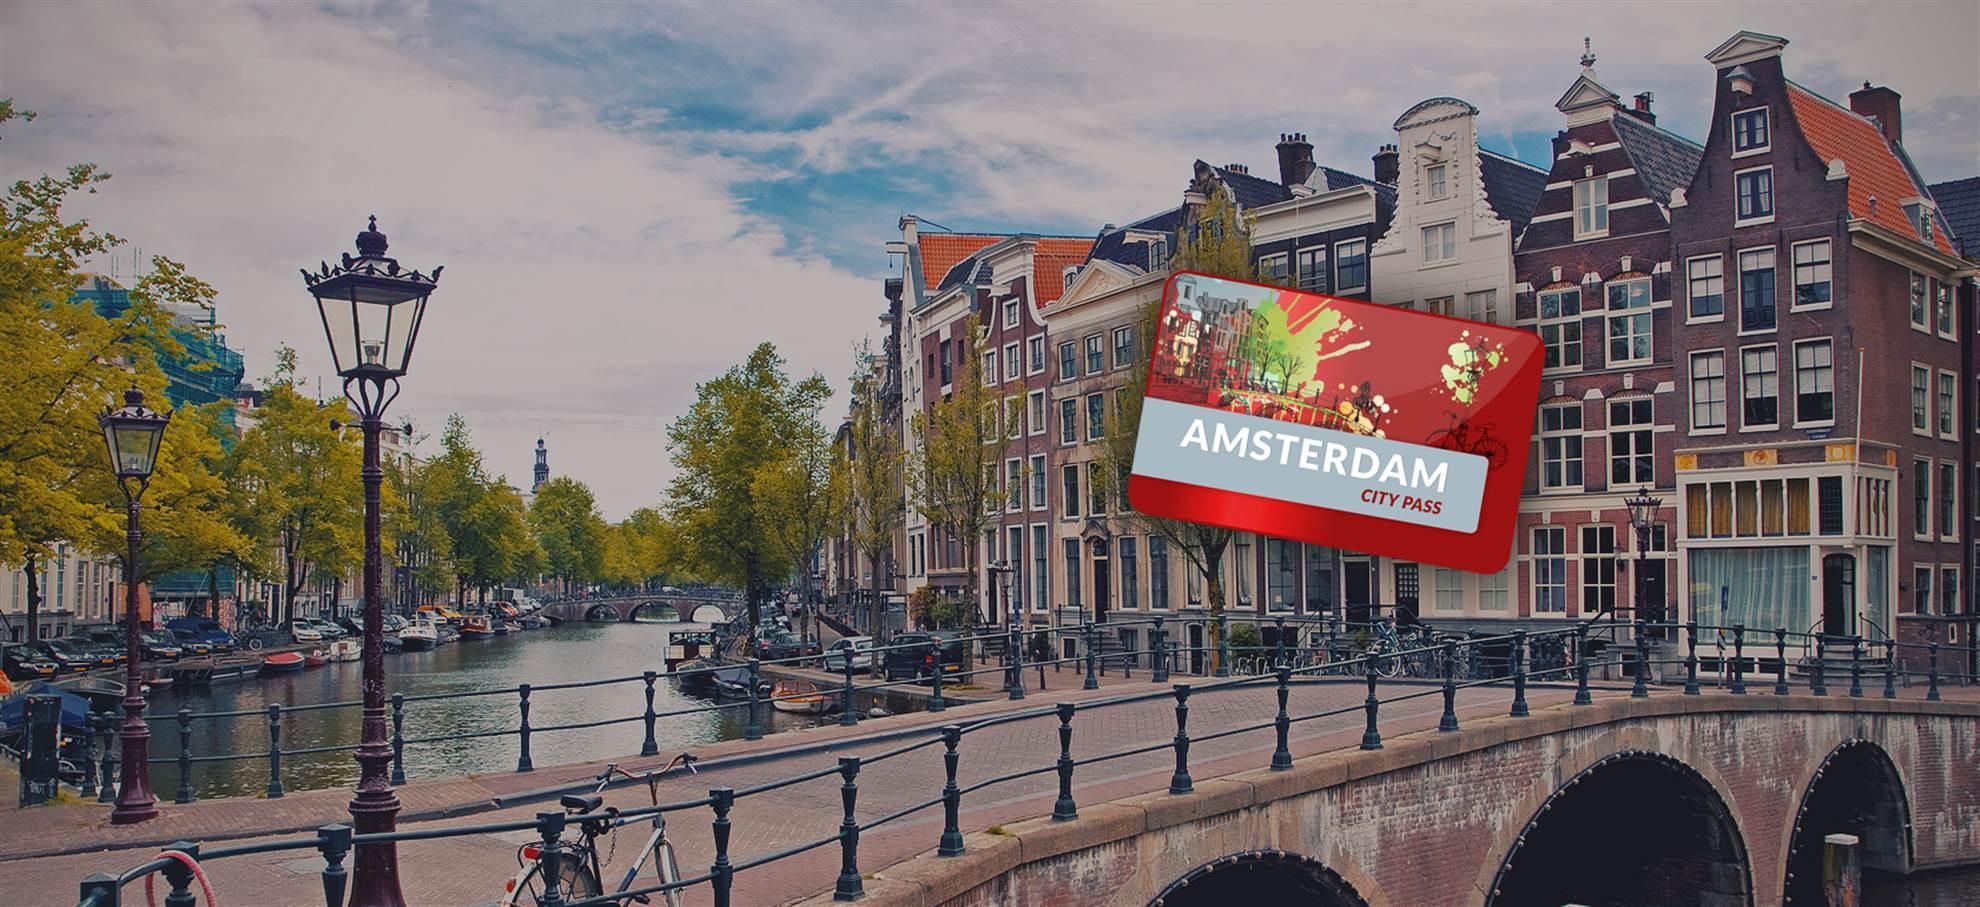 Passe oficial da cidade de Amesterdão